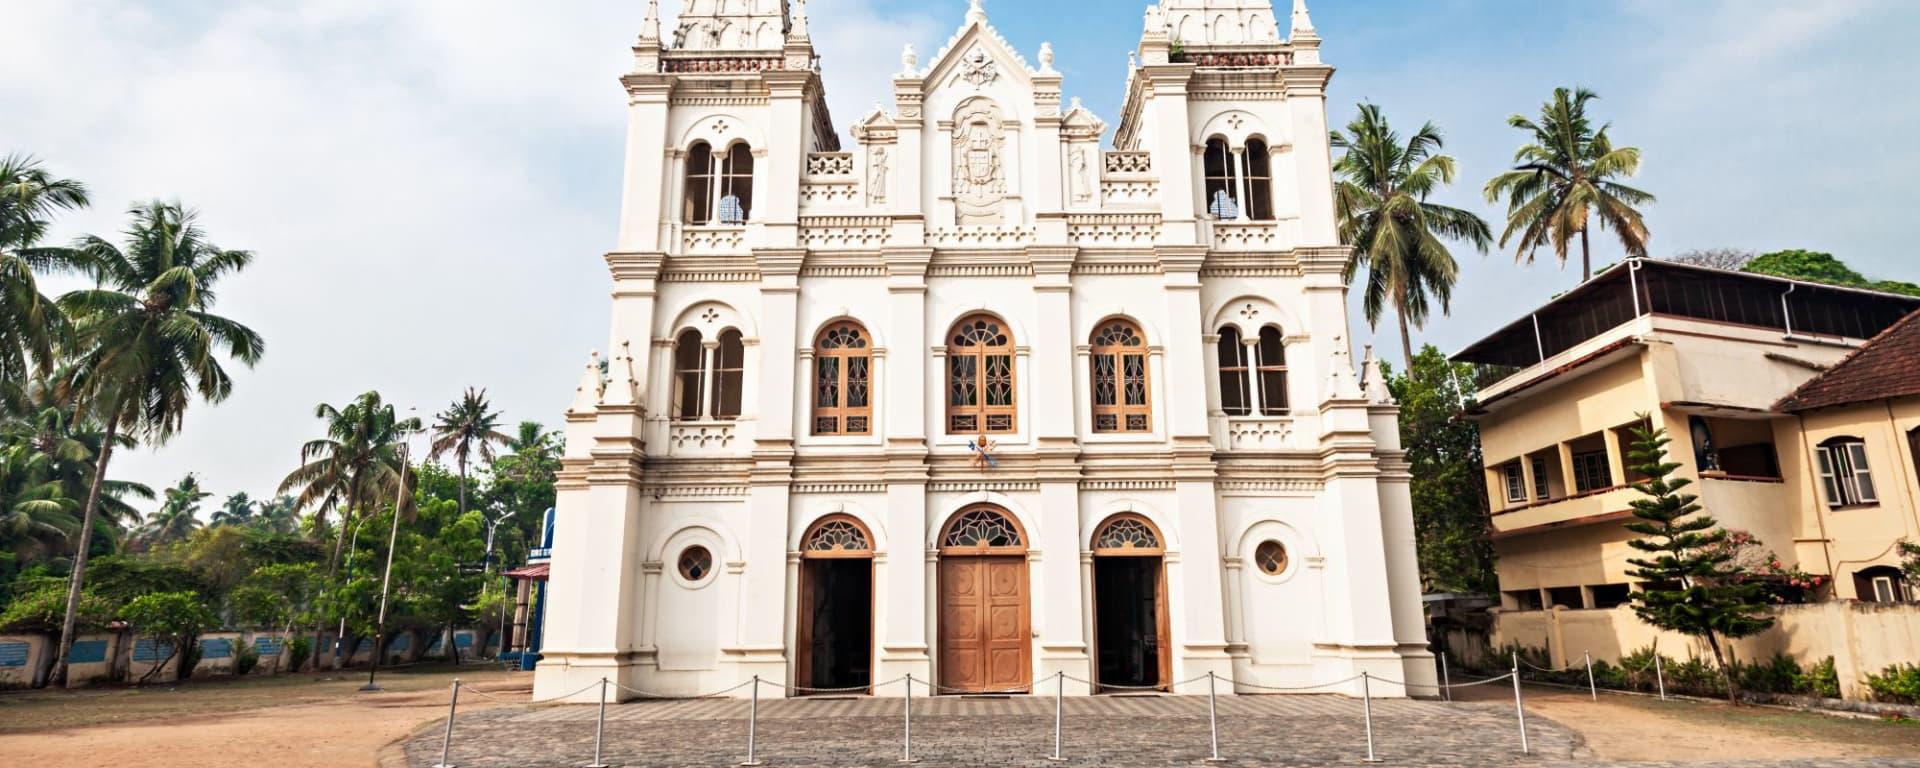 Balade à pied dans Fort Kochi: Santa Cruz Basilica in Kochi